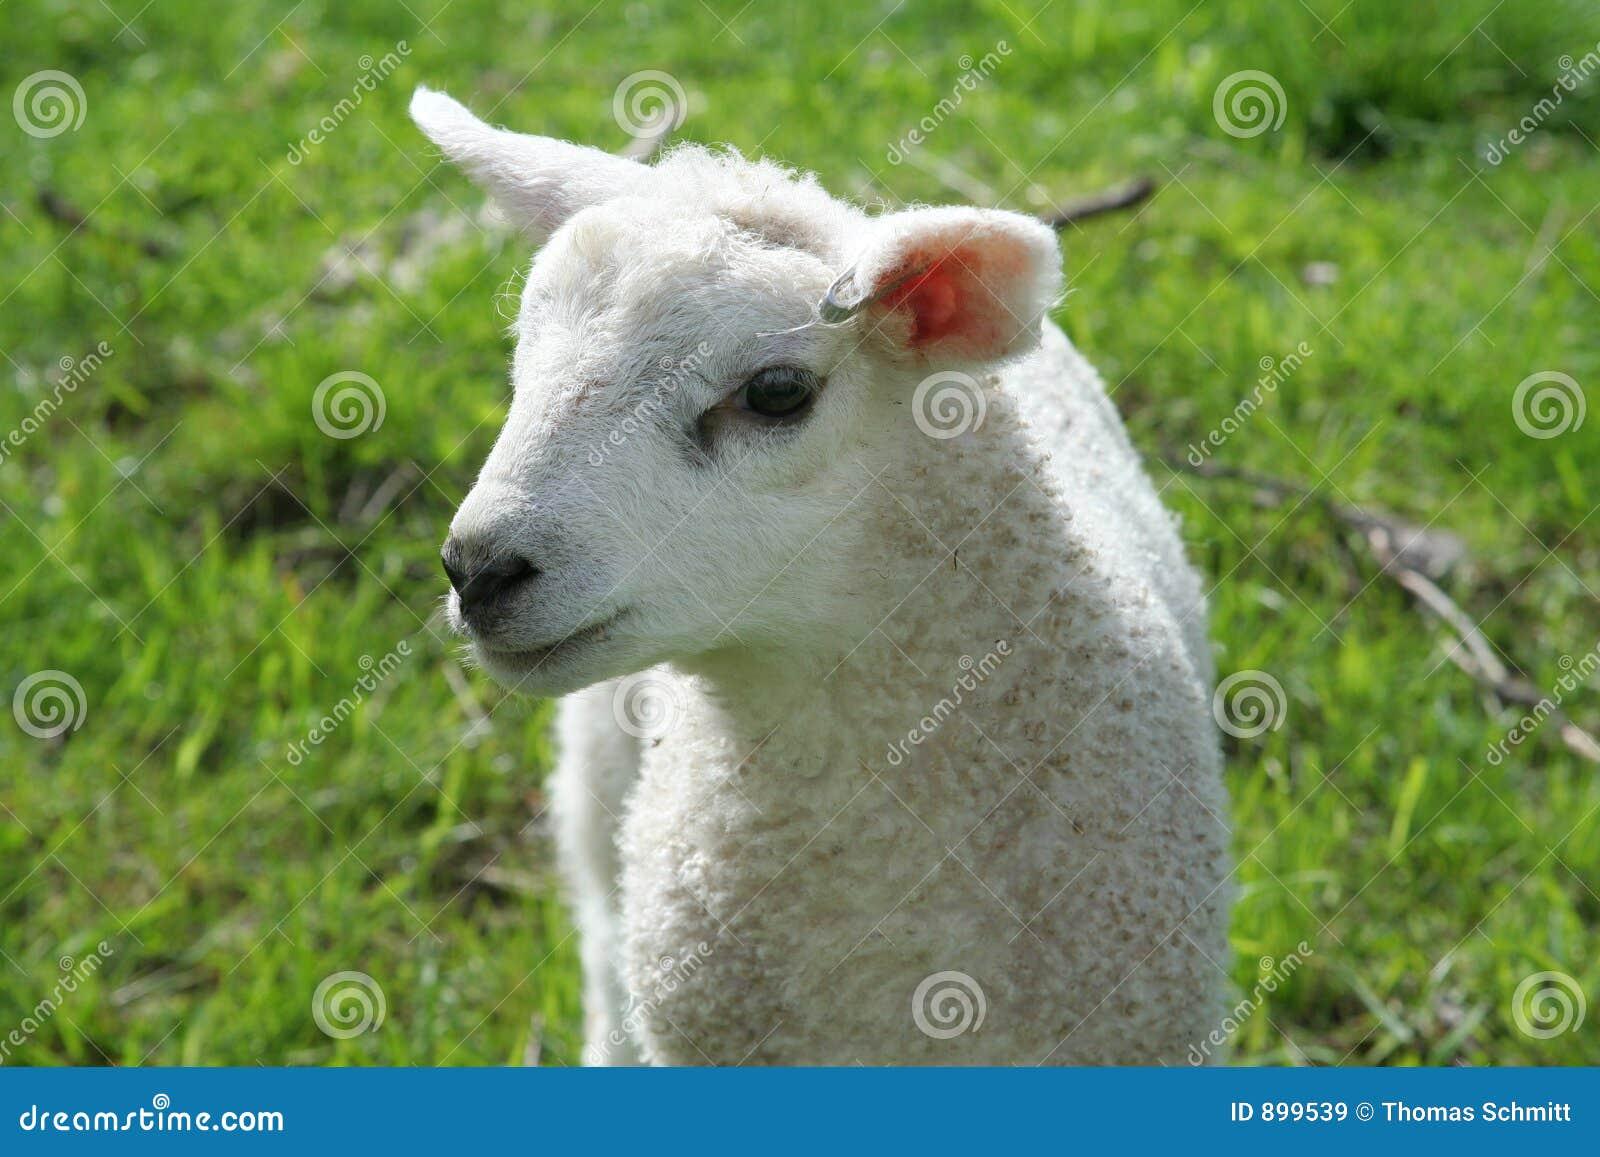 Urodzony lamb nowo